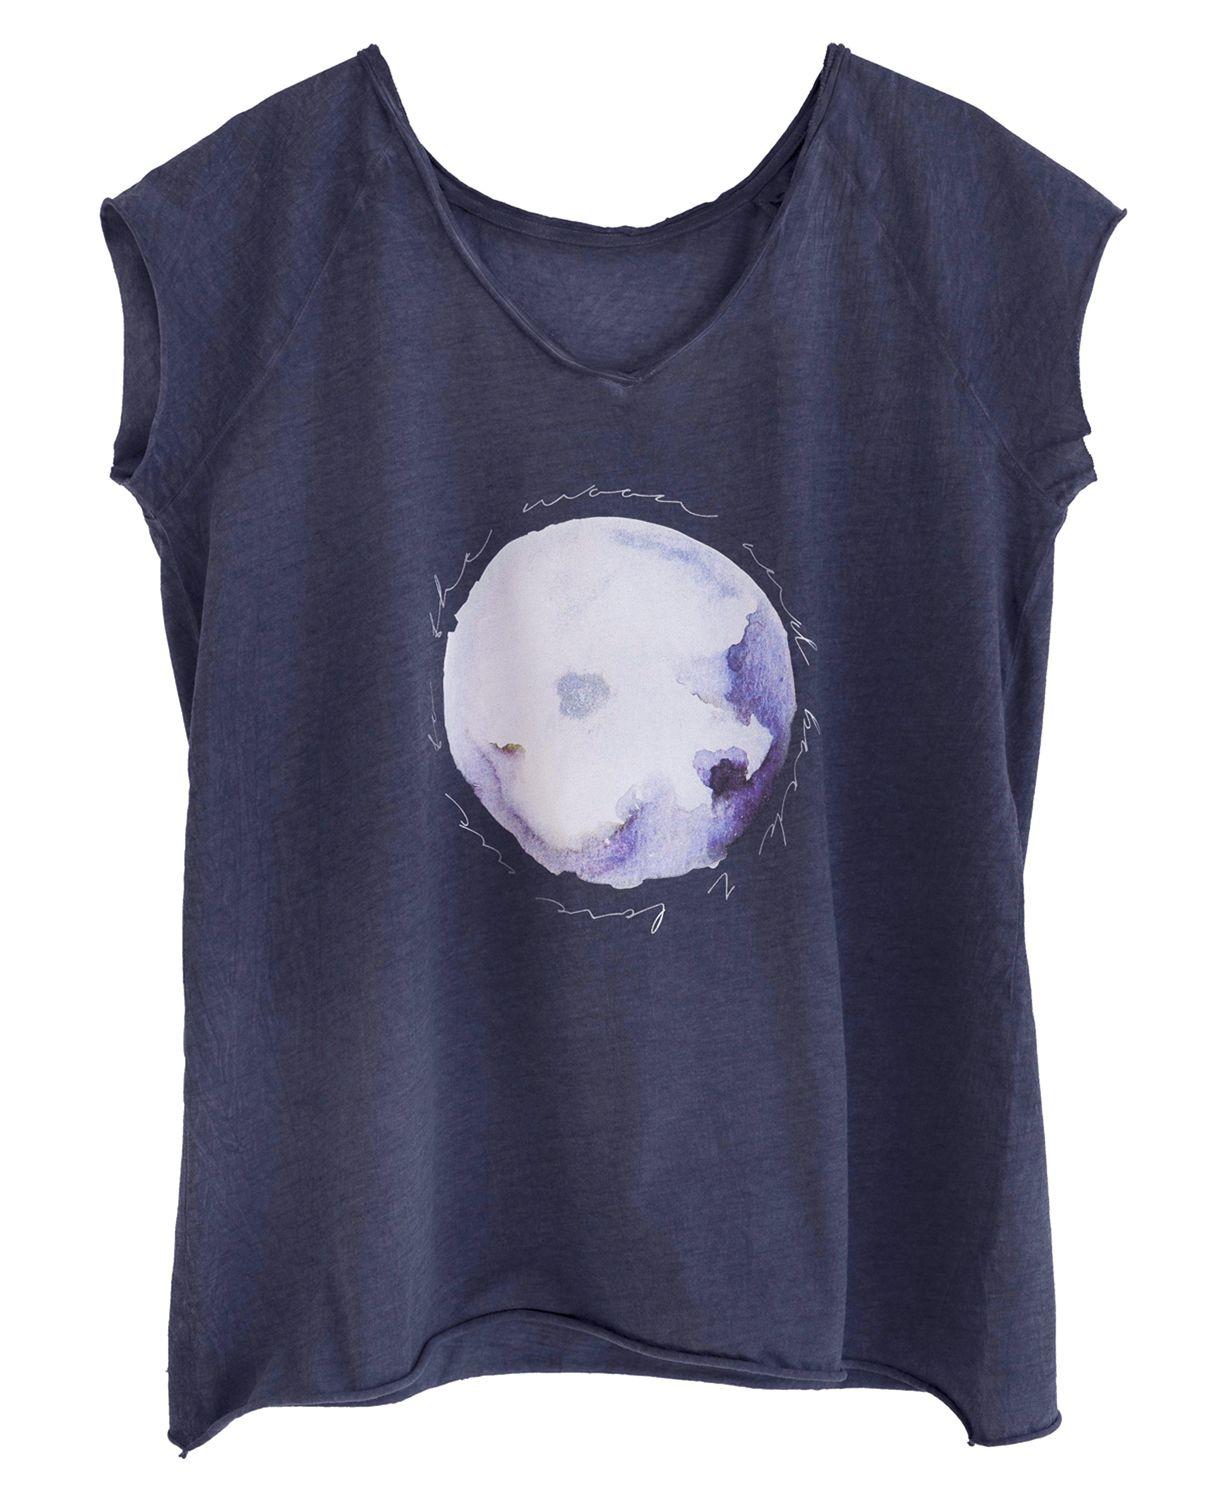 camiseta de algodón 100% con dibujo de luna y mensaje